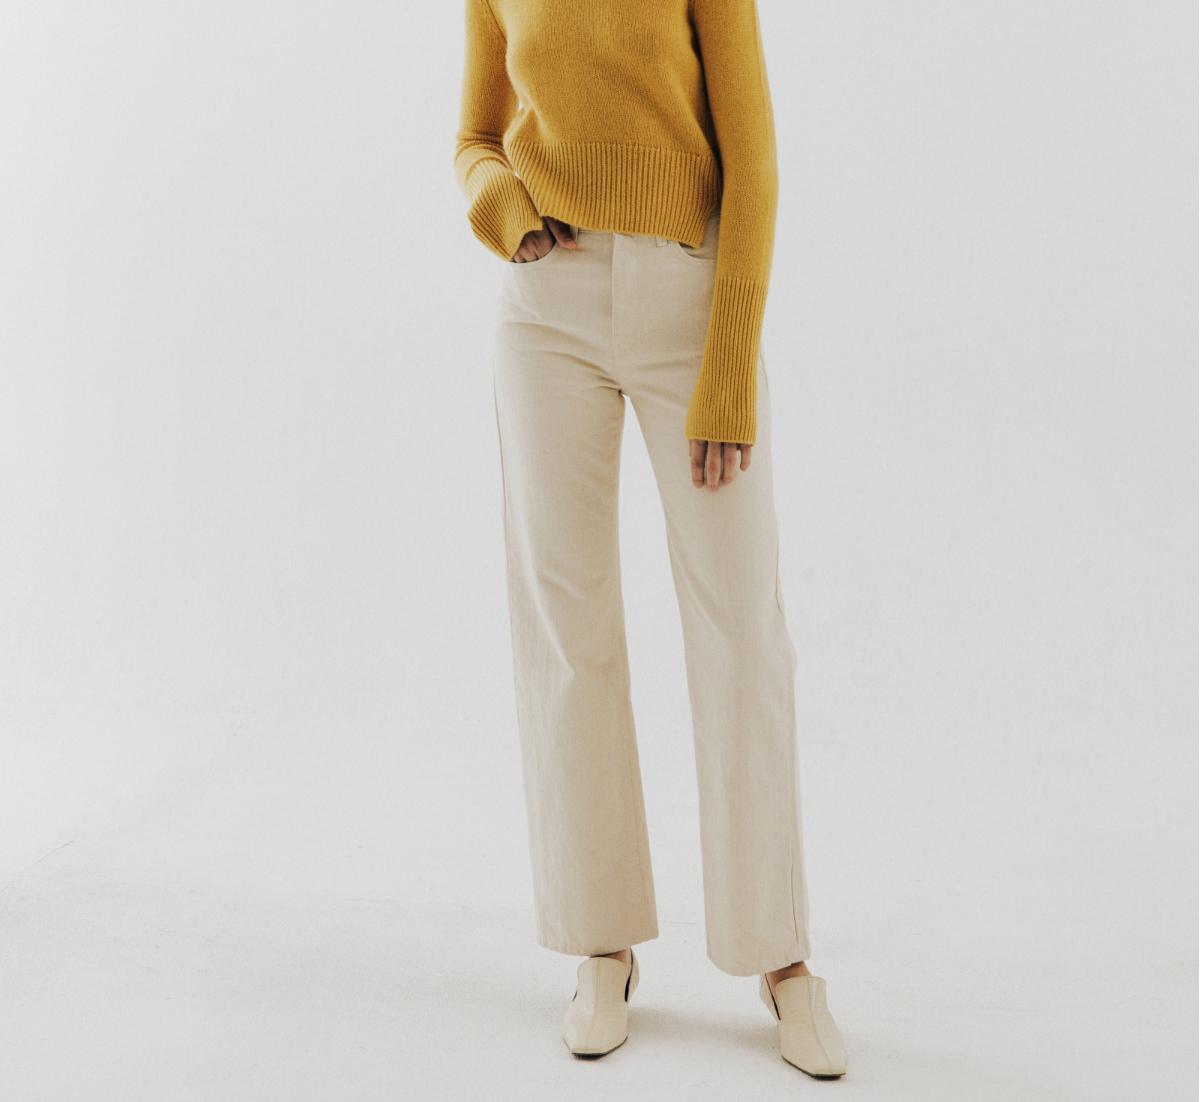 바지 모델 착용 이미지-S11L1